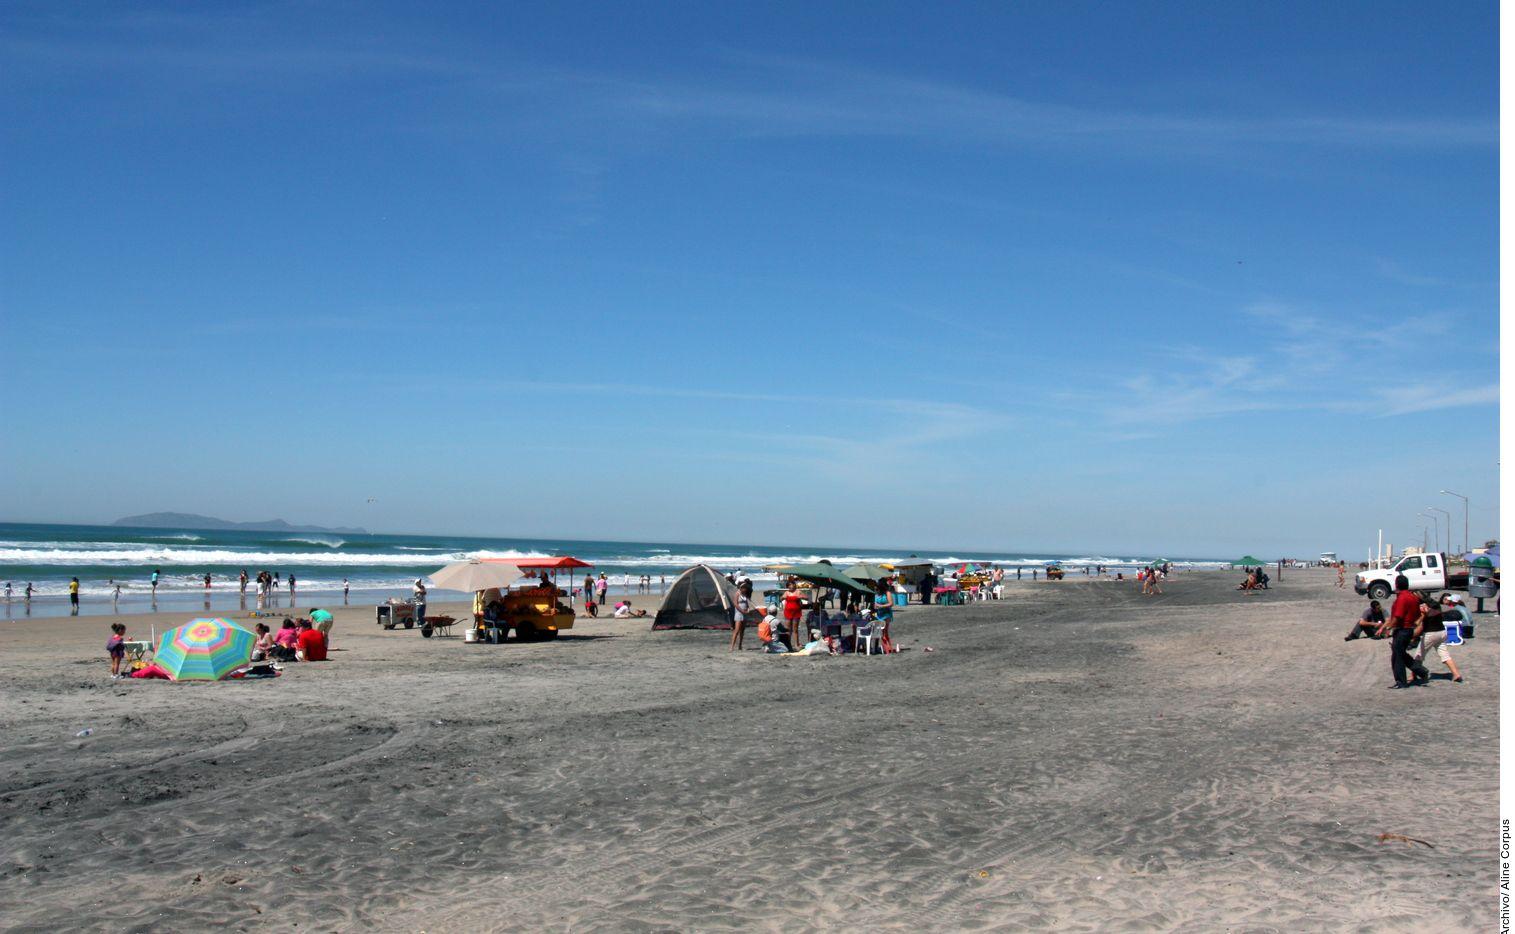 La cercanía con California, Estados Unidos, el costo y la variedad de paisajes que ofrece el Municipio de Playas de Rosarito y el estado de Baja California, propician que los productores de Hollywood elijan esta región para grabar.